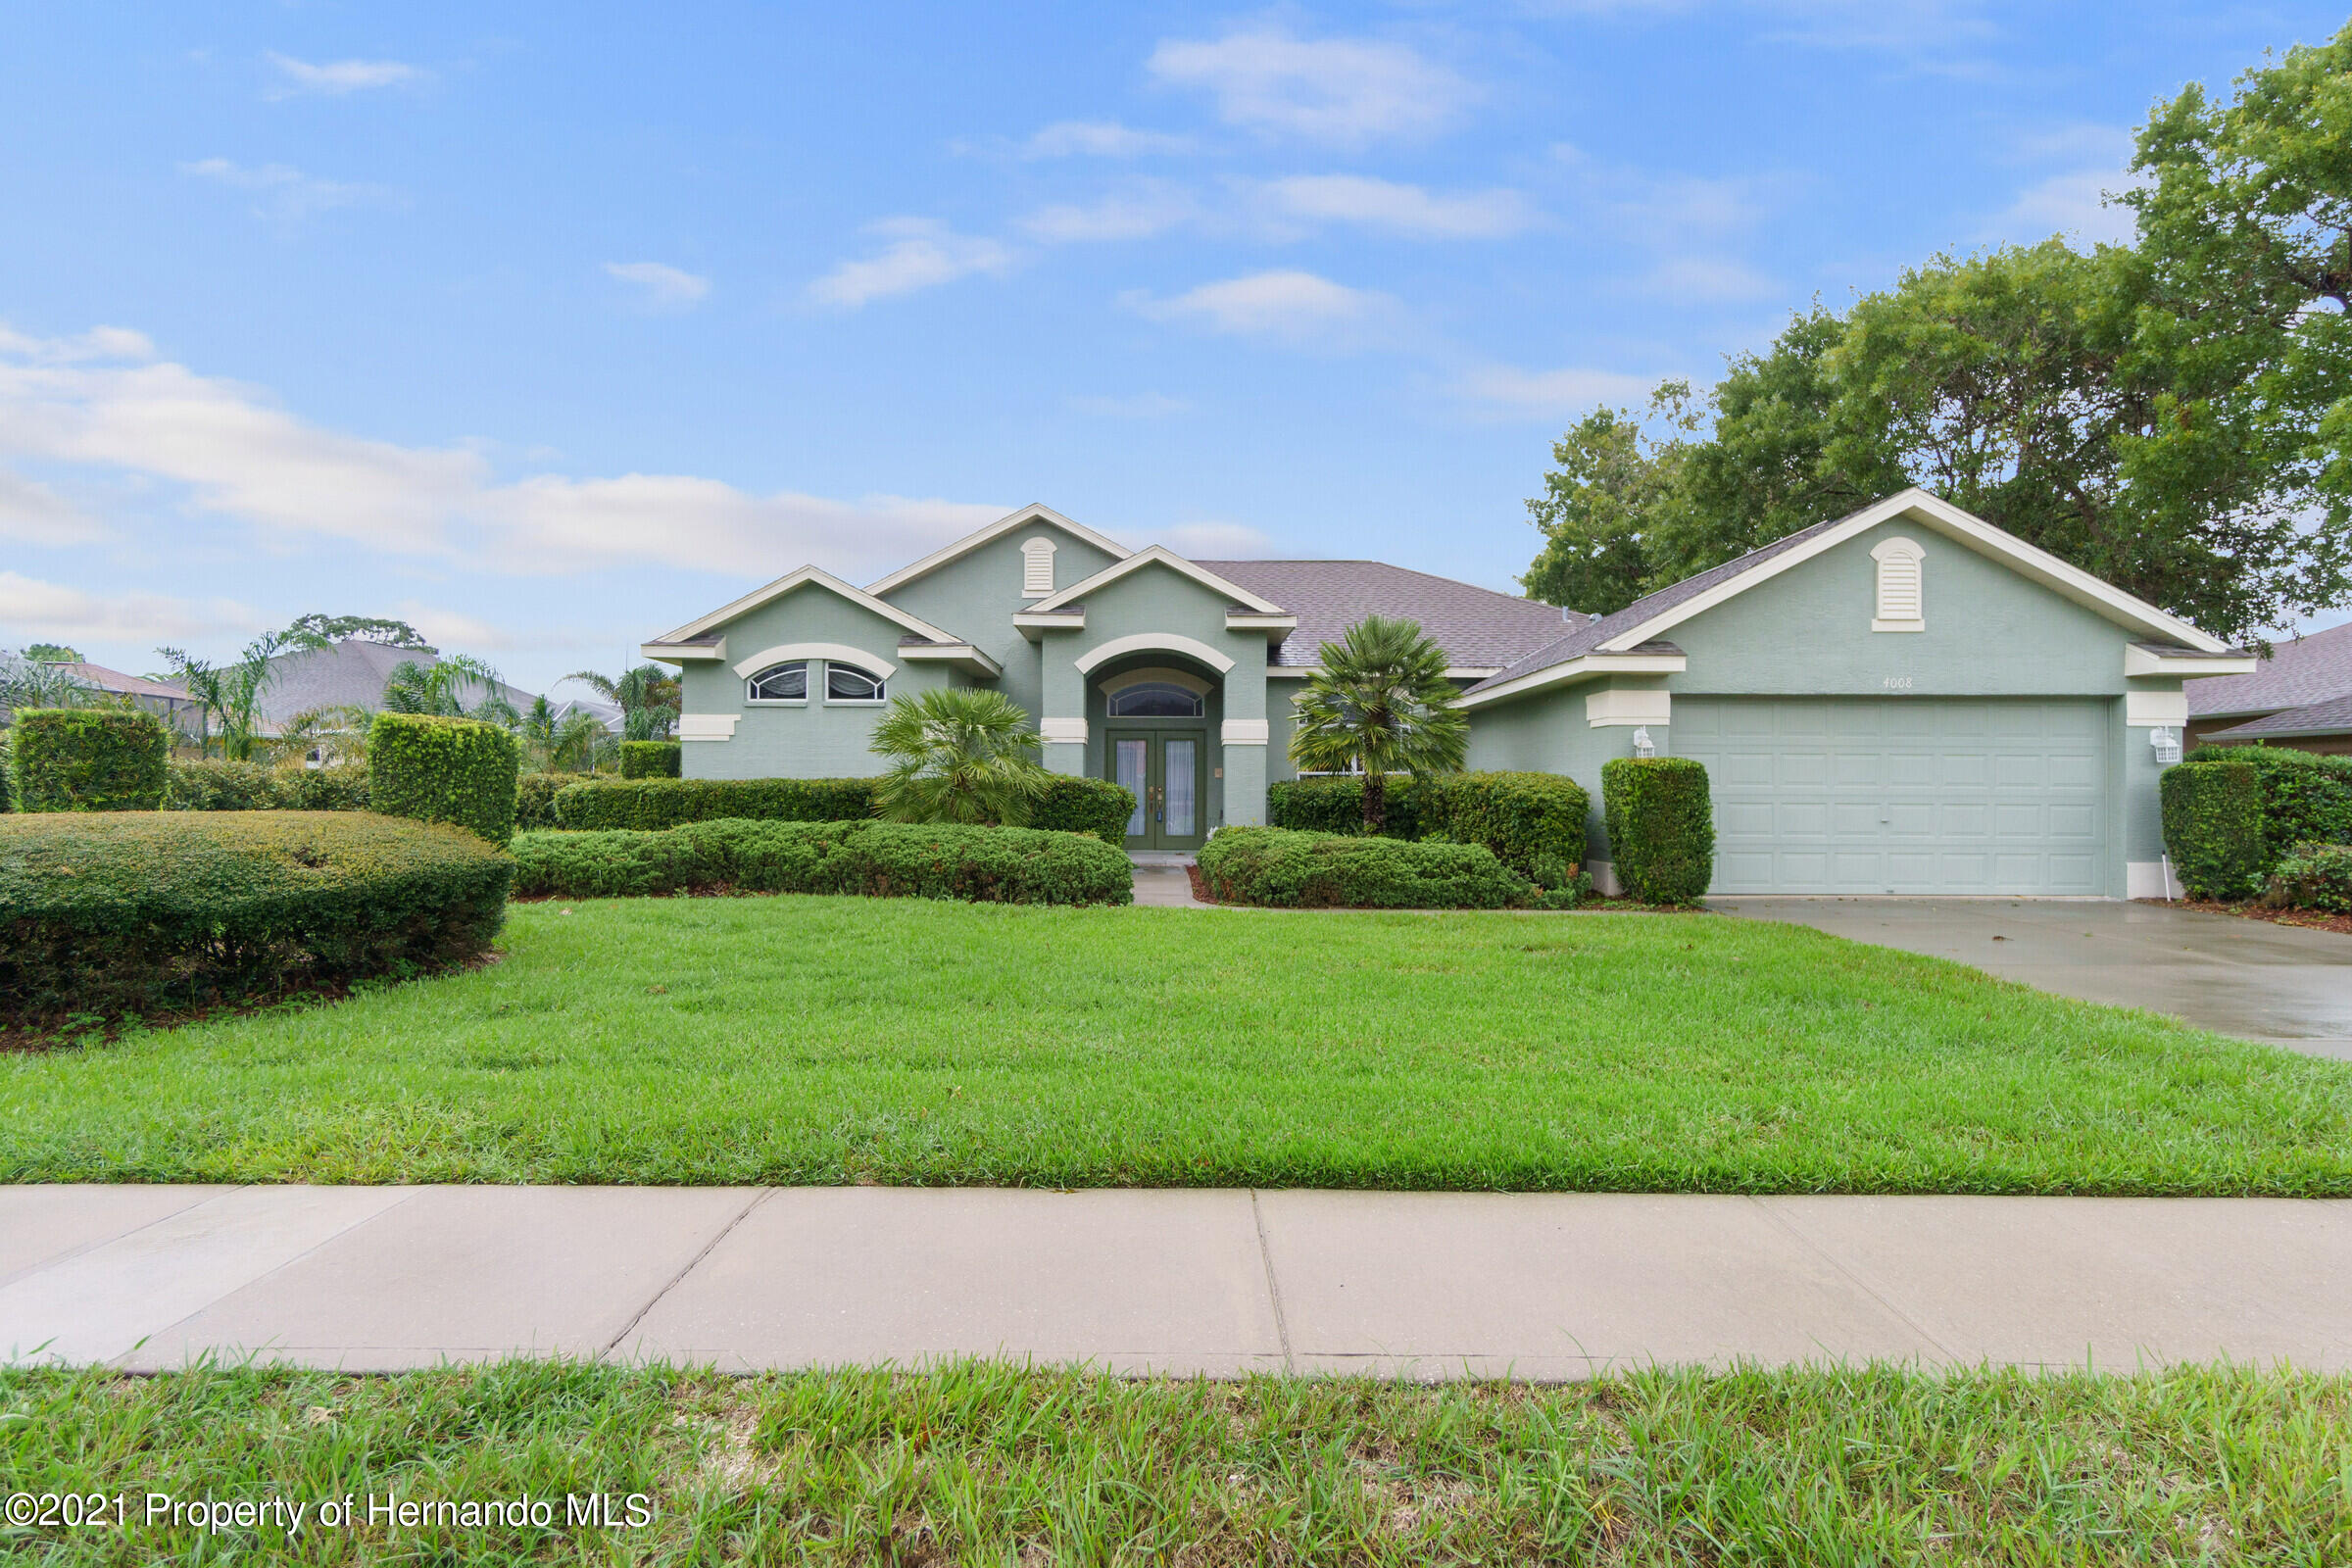 Details for 4008 Indian River Street, Spring Hill, FL 34609